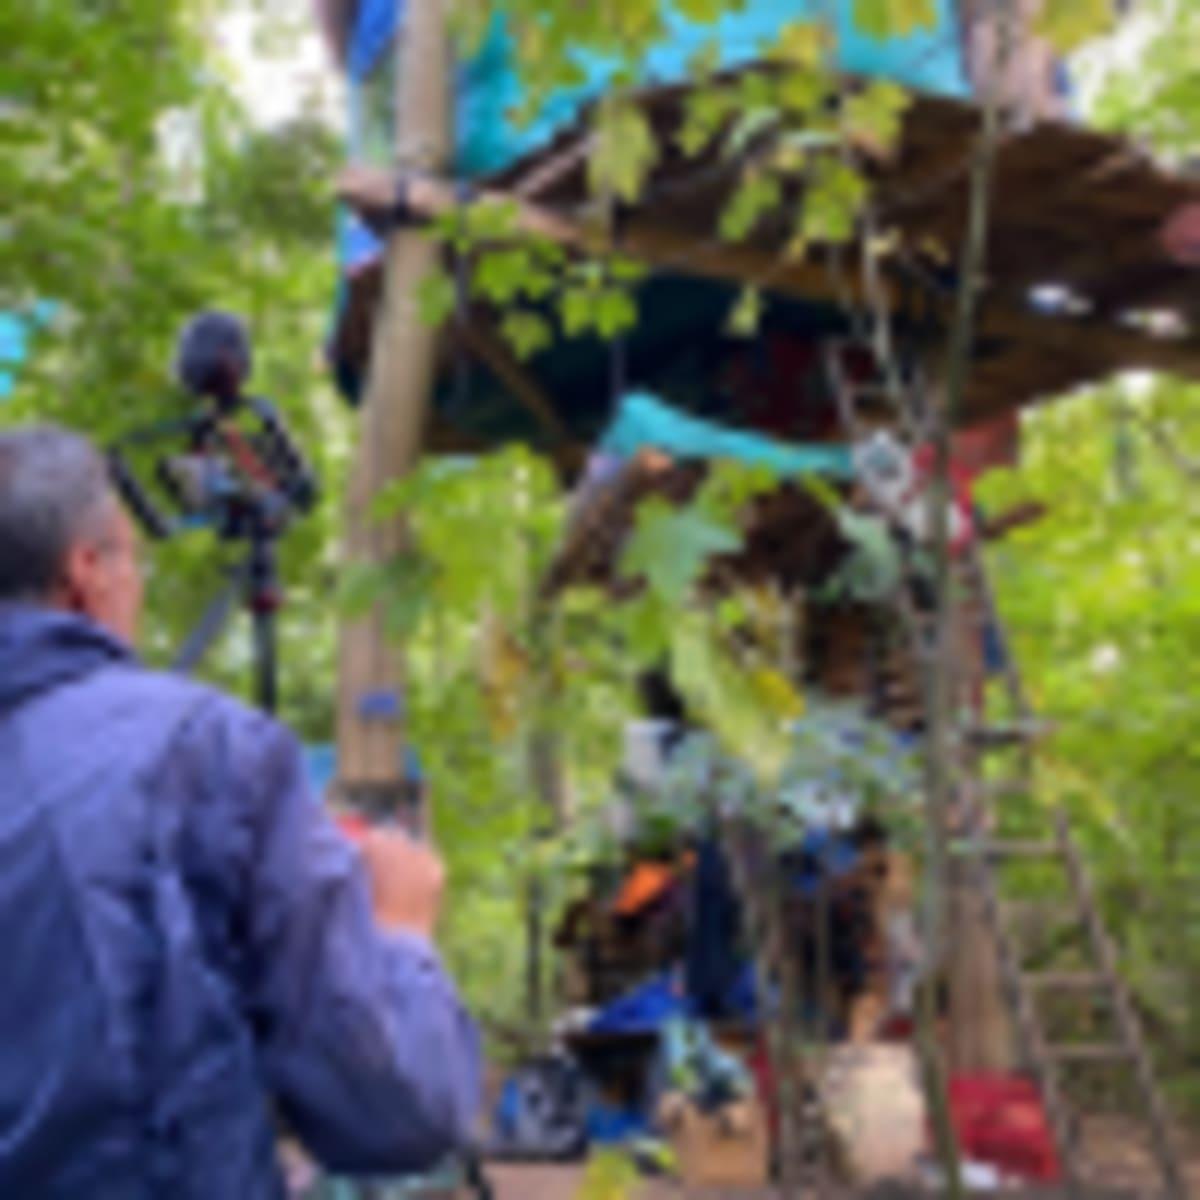 Német környezetvédők - Egy aktivista, aki társaival az erdőben él, a fák tetejére épített házak egyikében